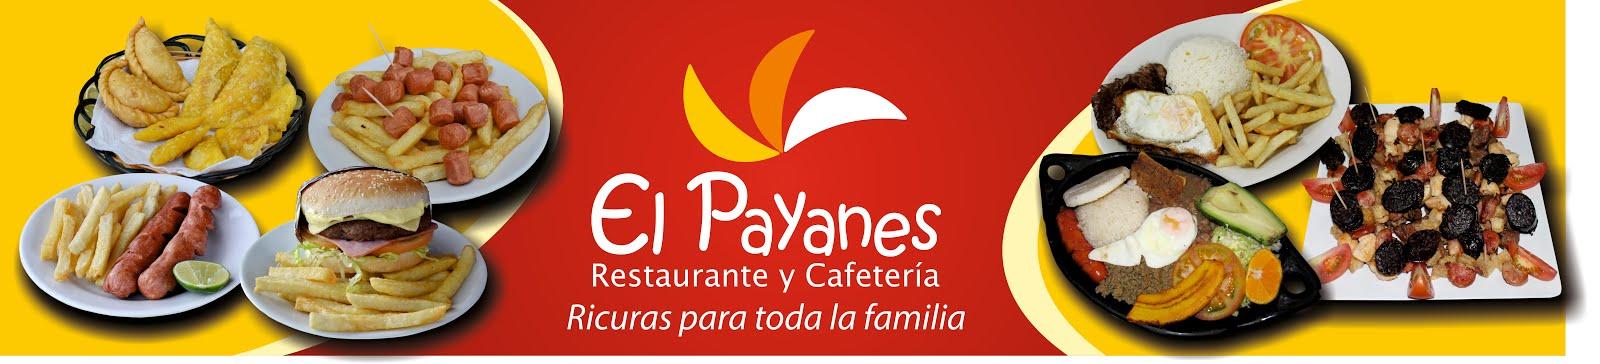 Cuando visite a Pasto, no olvide visitar EL PAYANES, ricuras para toda la familia. C.C. El Vergel